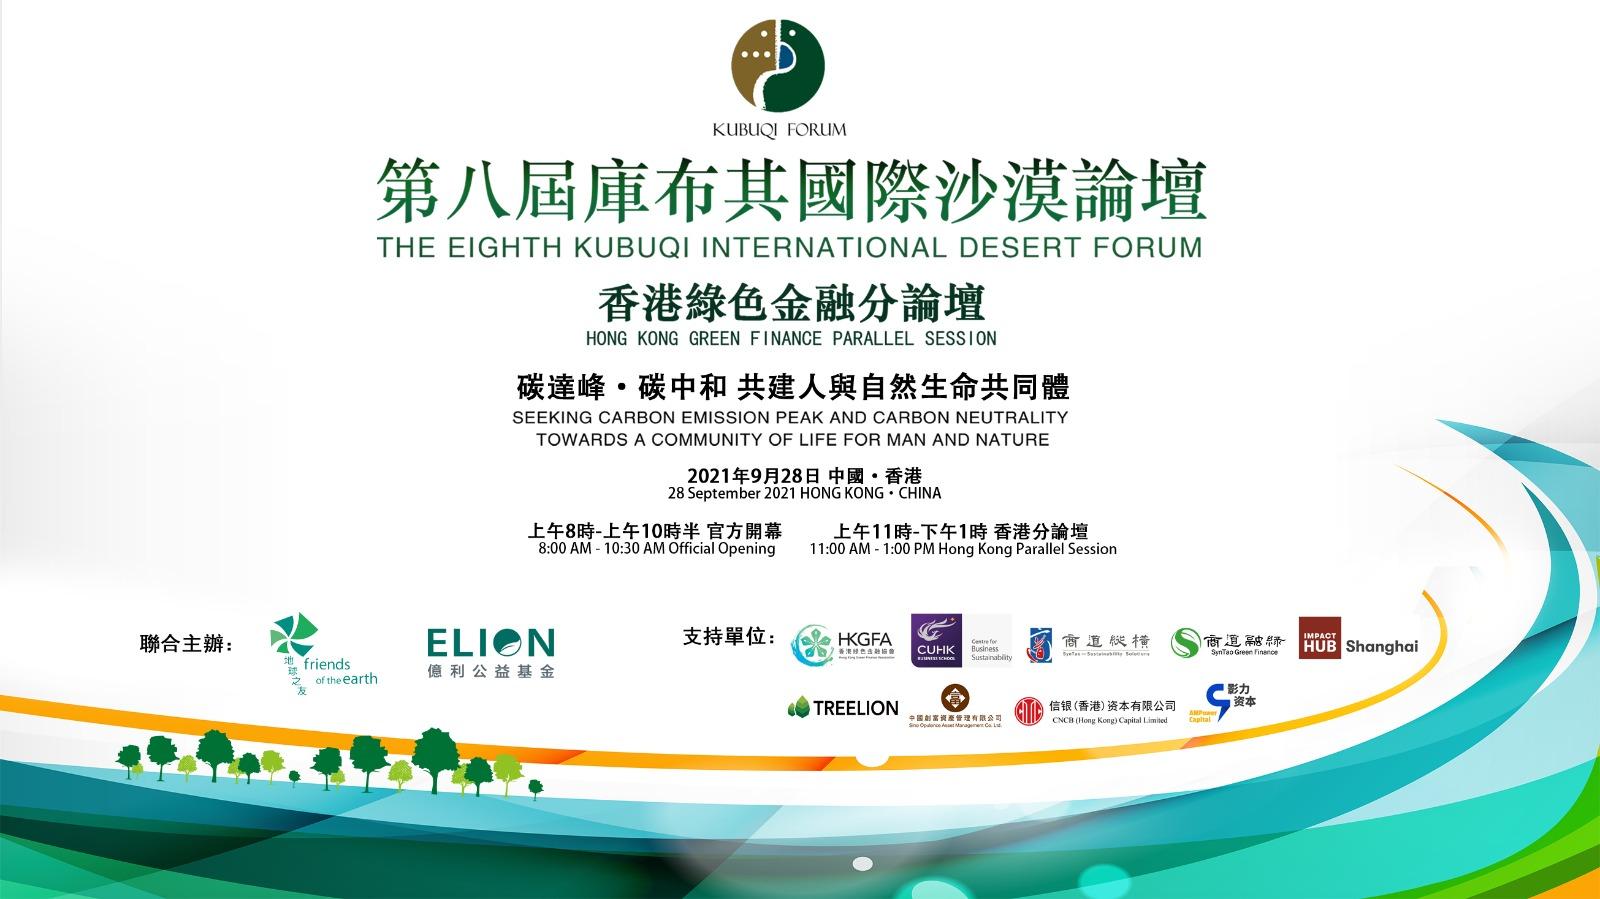 第八屆庫布其國際沙漠論壇- 香港綠色金融分論壇